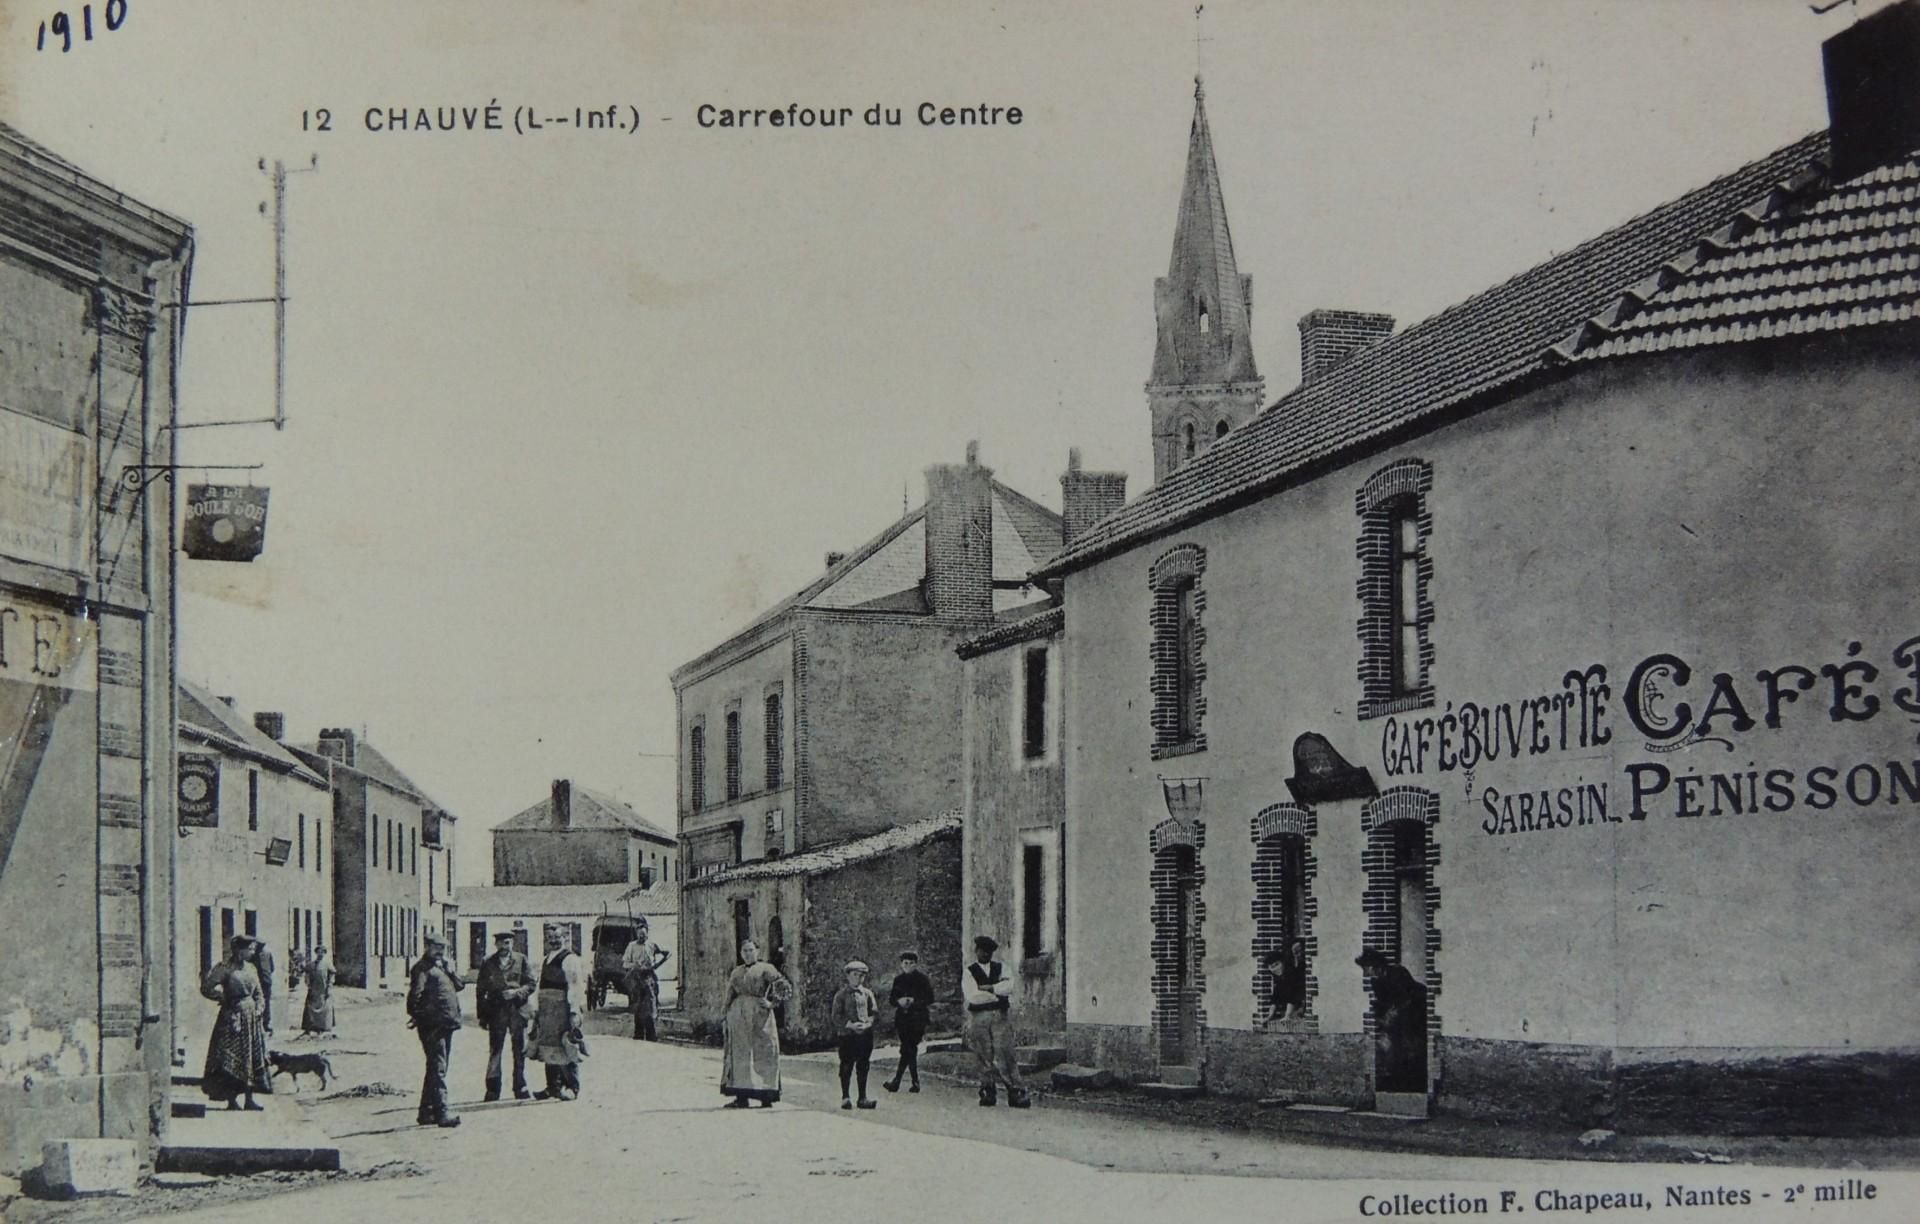 chauve-carrefour-du-centre-1843